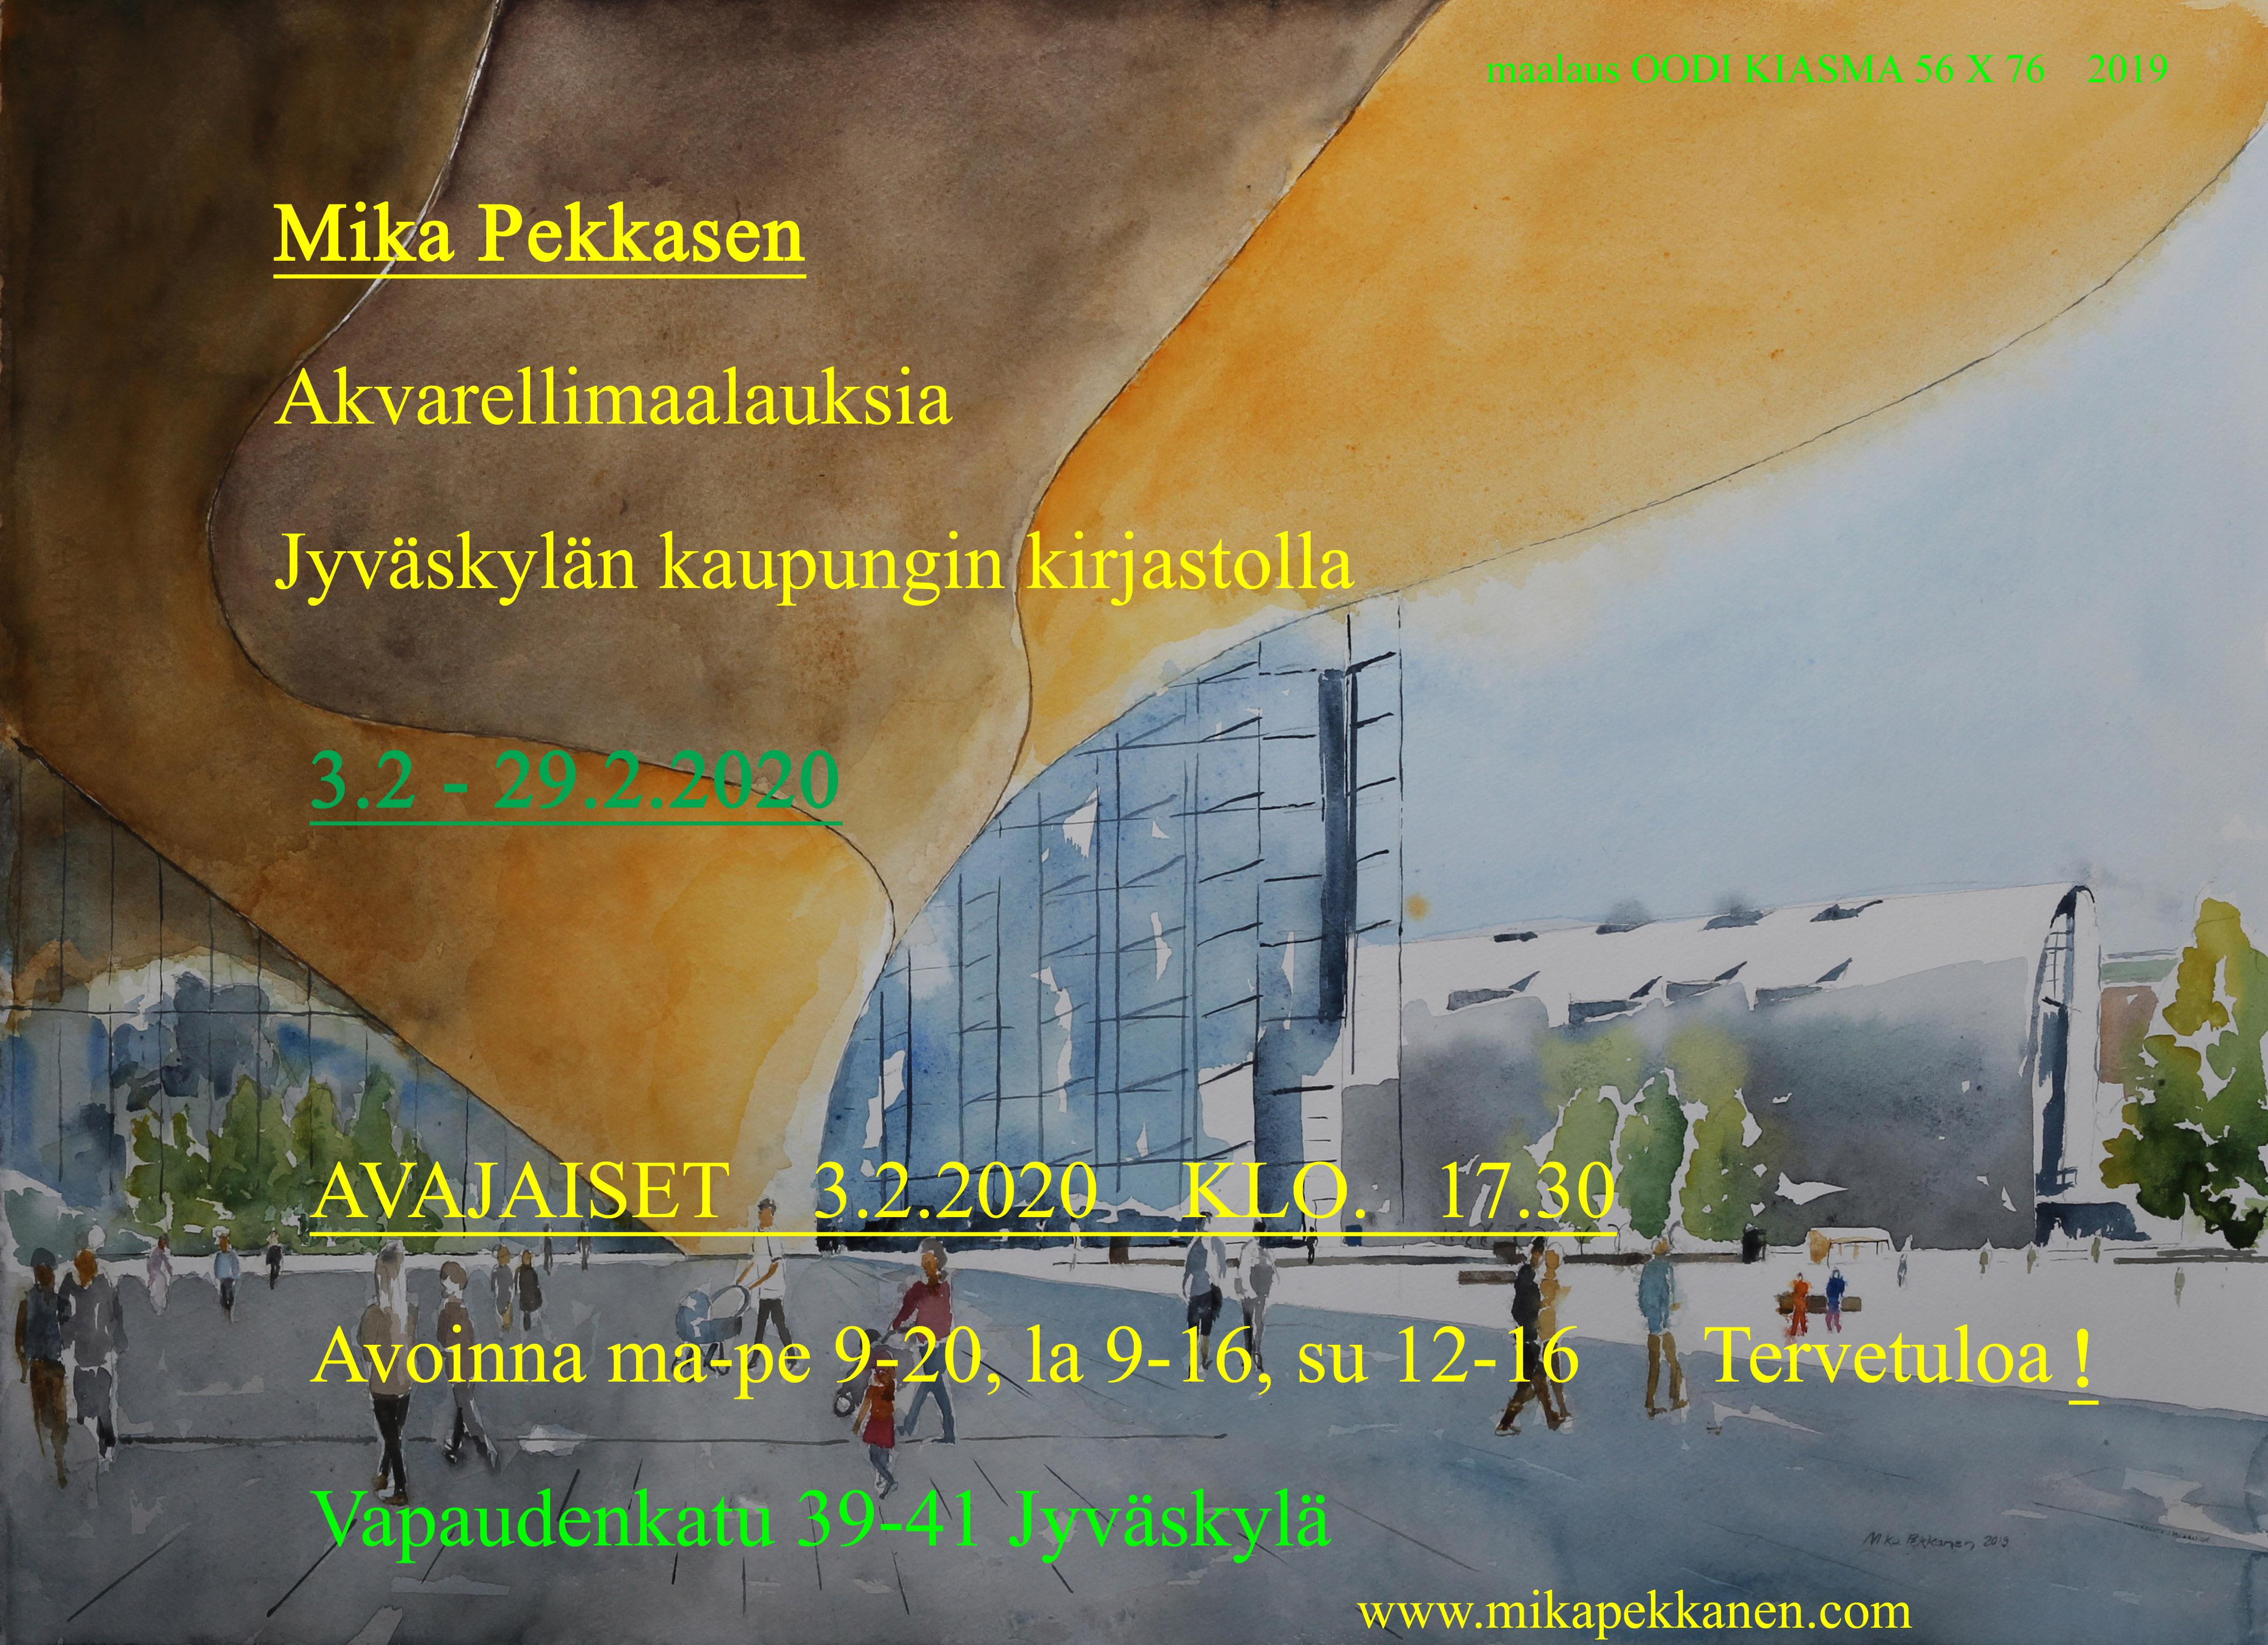 Jyväskylän kaupungin pääkirjastolla  3.2 – 29.2. 2020   Mika Pekkasen akvarellimaalauksia